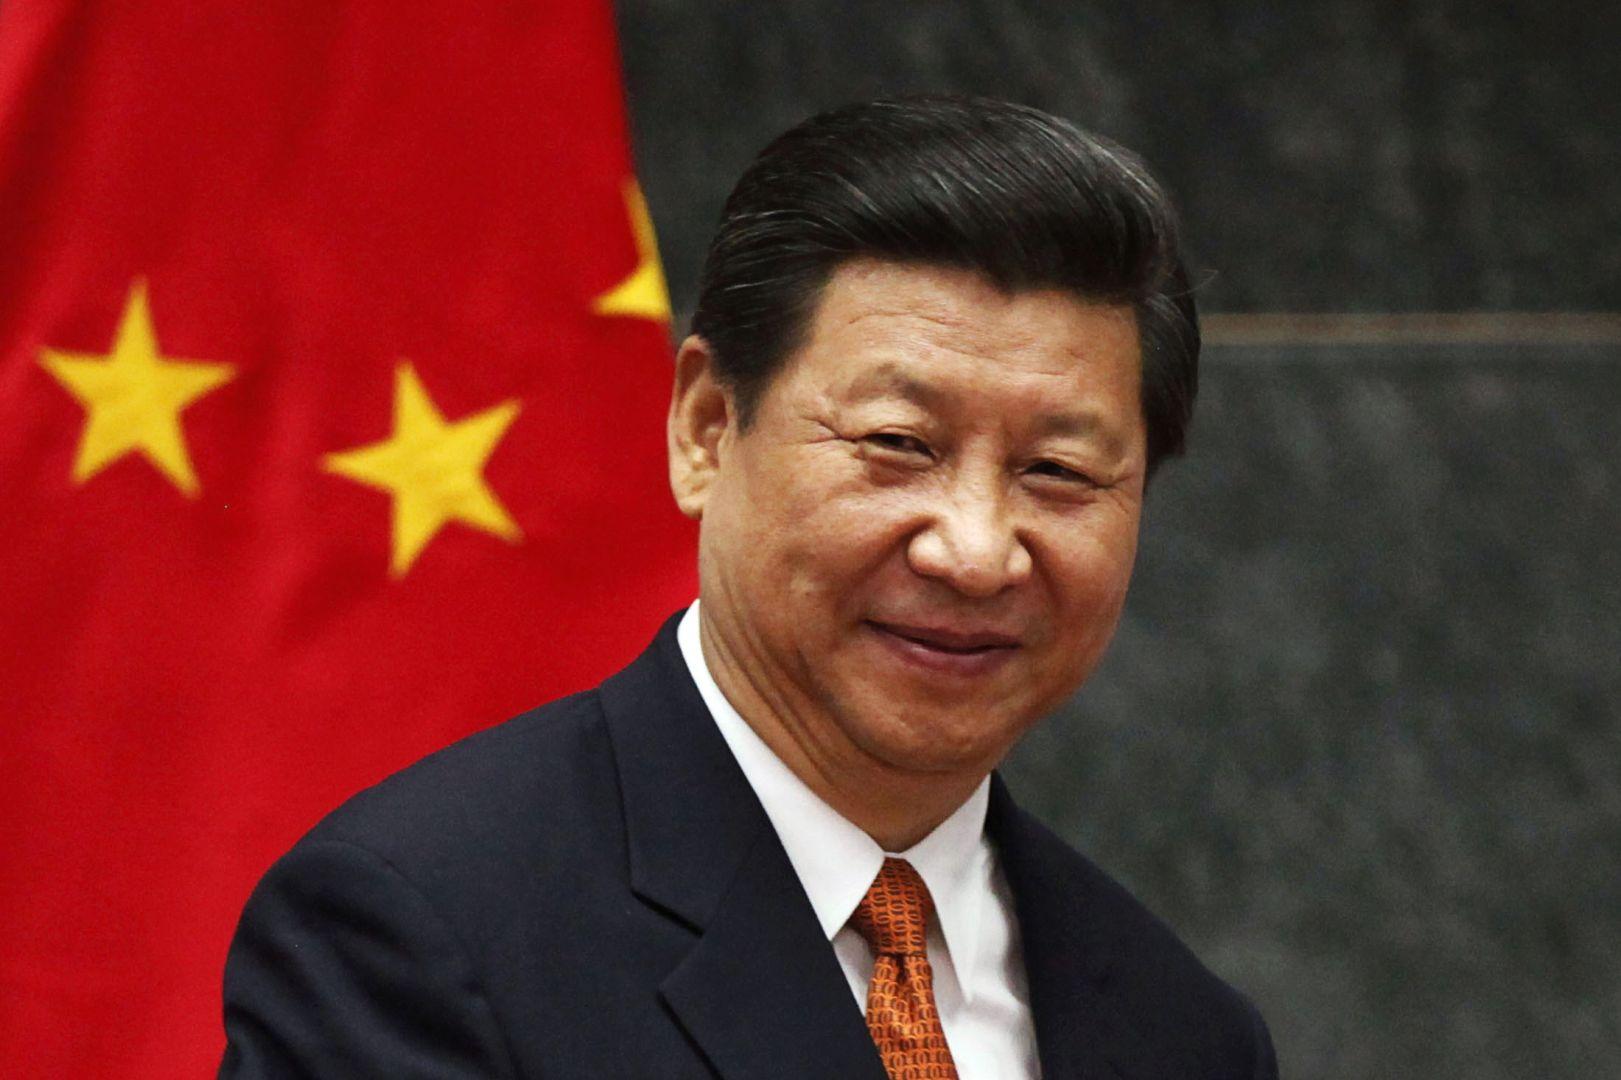 چین کی سرکاری خبر ایجنسی کی غلطی نے صدرکو عہدہ صدارت سے ہی مستعفیٰ کرادیا